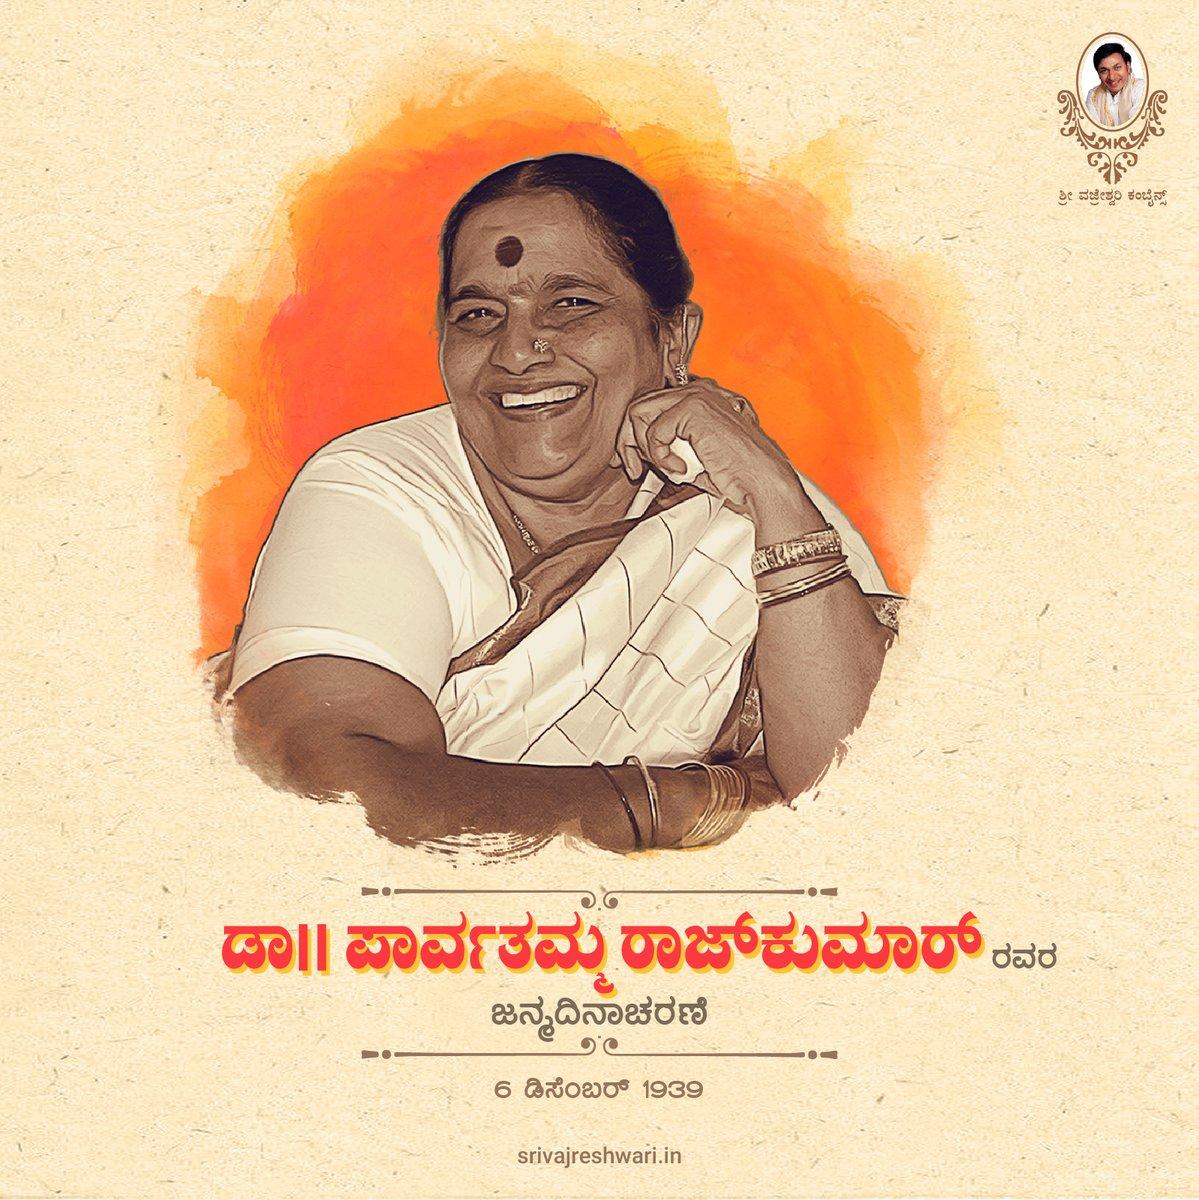 ಇಂದು ಡಾ   ಪಾರ್ವತಮ್ಮ ರಾಜ್ಕುಮಾರ್ ರವರ 80ನೇ ಜನ್ಮದಿನಾಚರಣೆ... ಕನ್ನಡಿಗರ ಮನದಲ್ಲಿ ನೀವು ಎಂದೆಂದಿಗೂ ಅಮ್ಮ... #DrParvathammaRajkumar #Amma #BirthAnniversary #Karnataka #Kannada #SriVajreshwariCombines